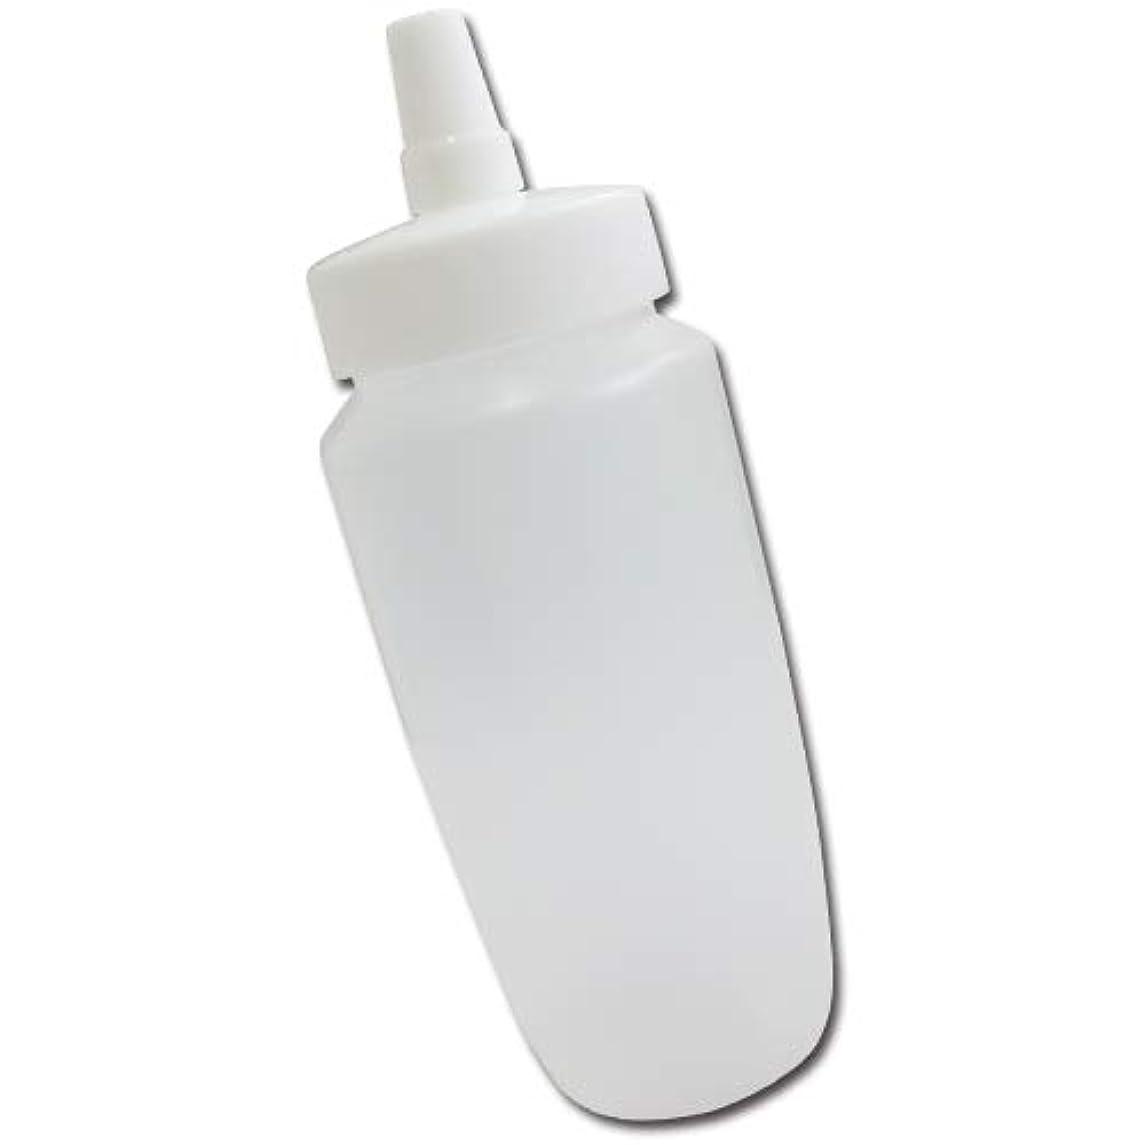 指標ビット雇用はちみつ容器360ml(ホワイトキャップ)│業務用ローションや調味料の小分けに詰め替え用ハチミツ容器(蜂蜜容器)はちみつボトル